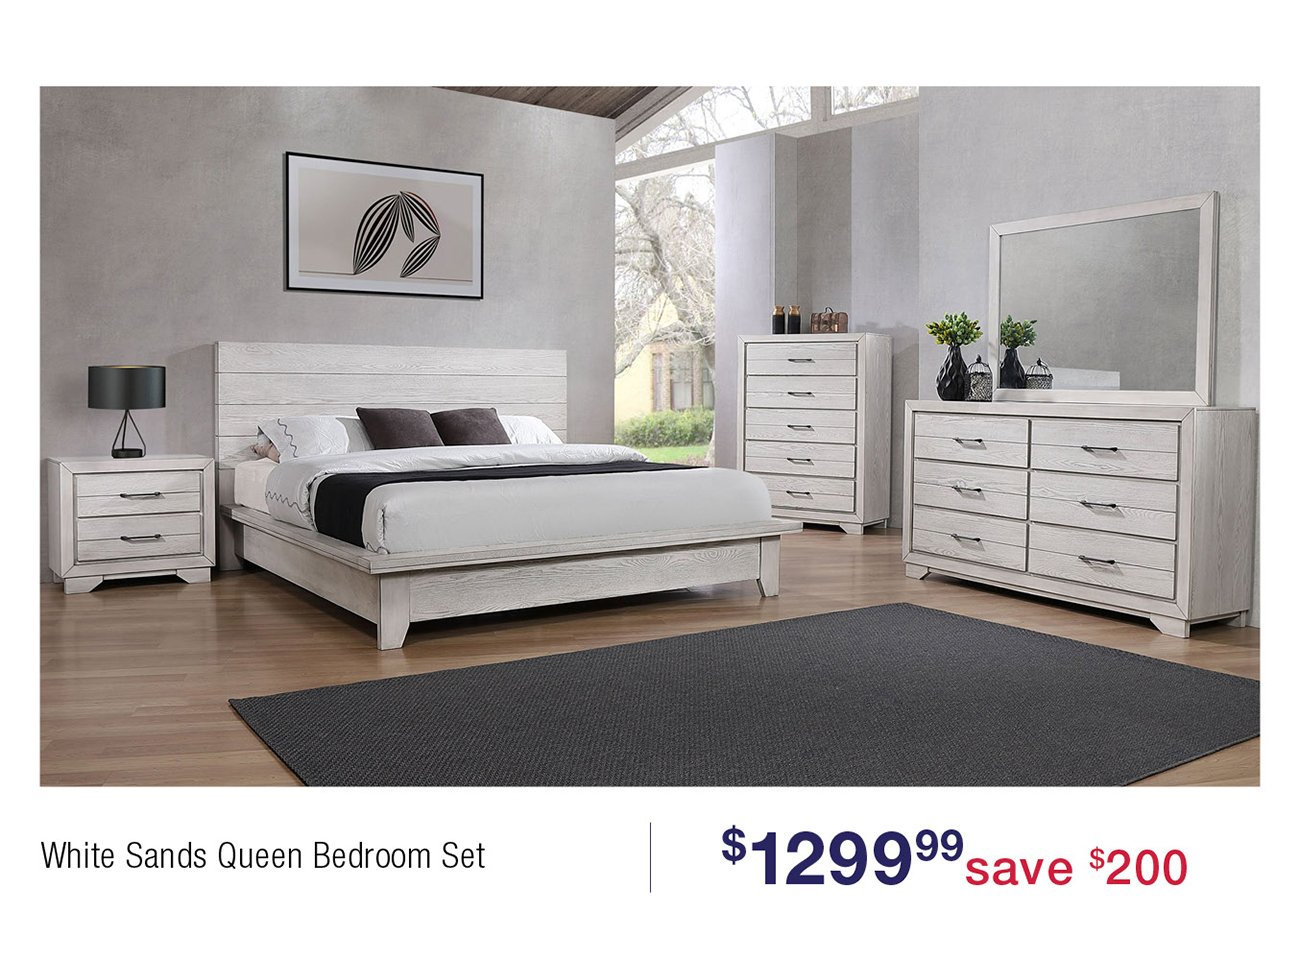 White-sands-queen-bedroom-set